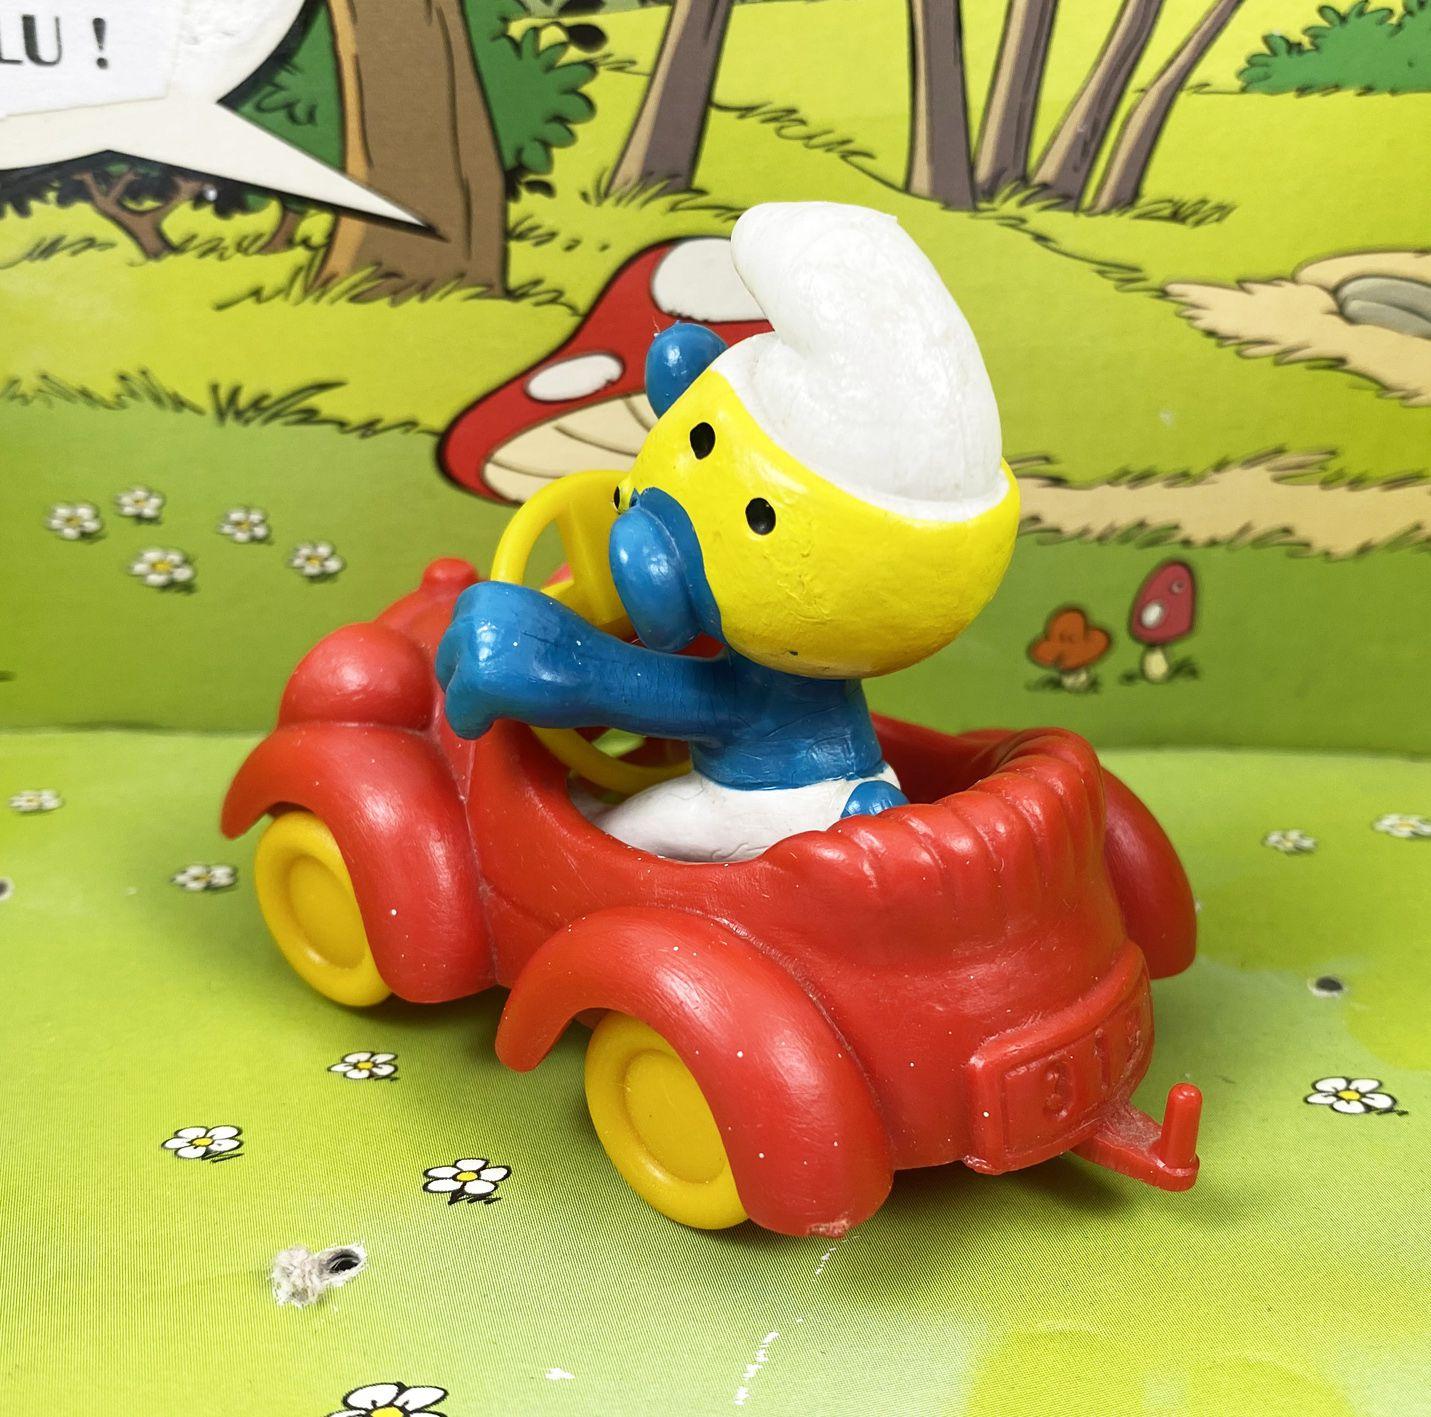 Les Schtroumpfs - Schleich - 40210 Schtroumpf conduisant voiture rouge (volant jaune)